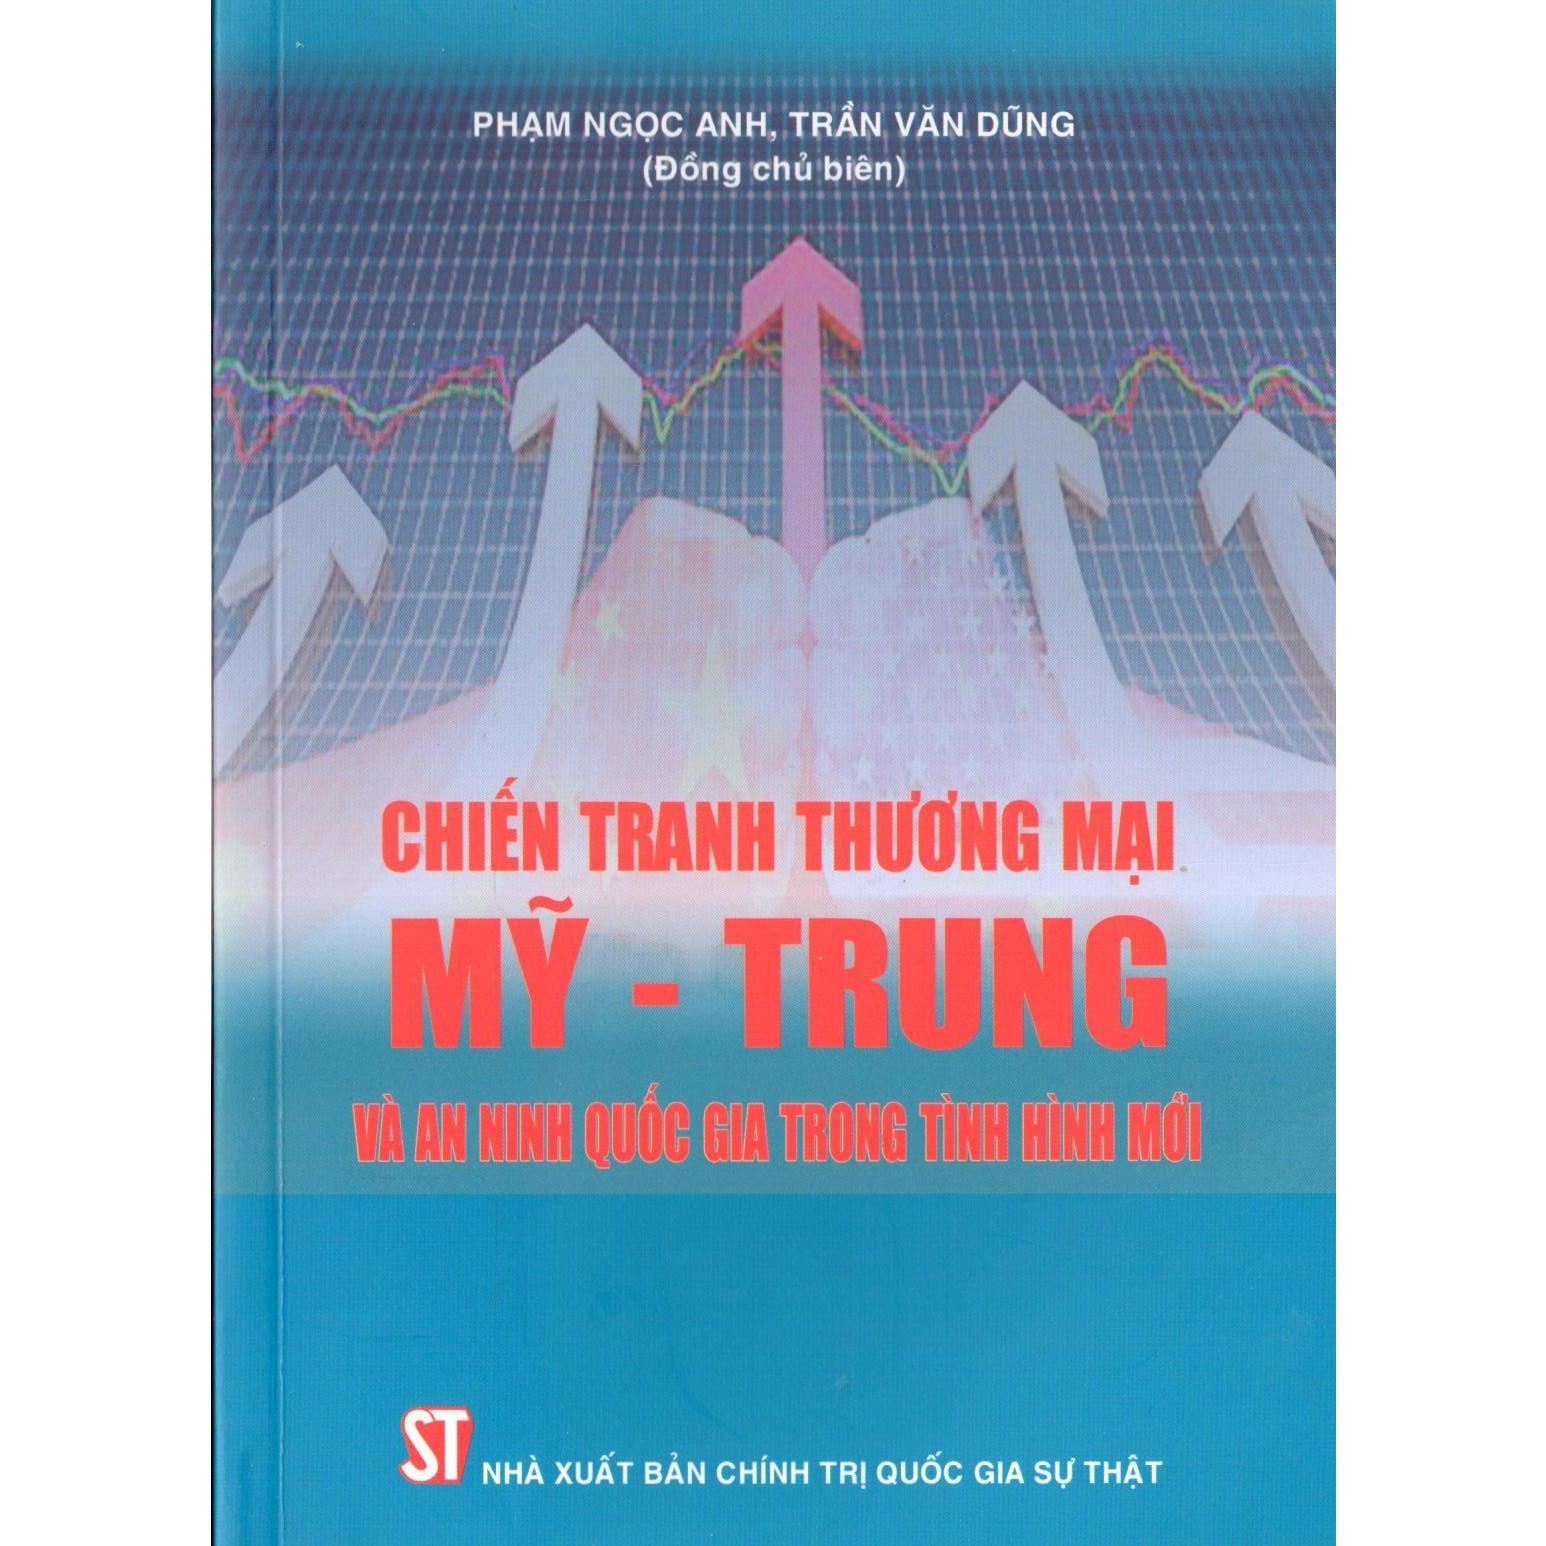 Sách Chiến Tranh Thương Mại Mỹ Trung Và An Ninh Quốc Gia Trong Tình Hình Mới (NXB Chính Trị Quốc Gia Sự Thật)